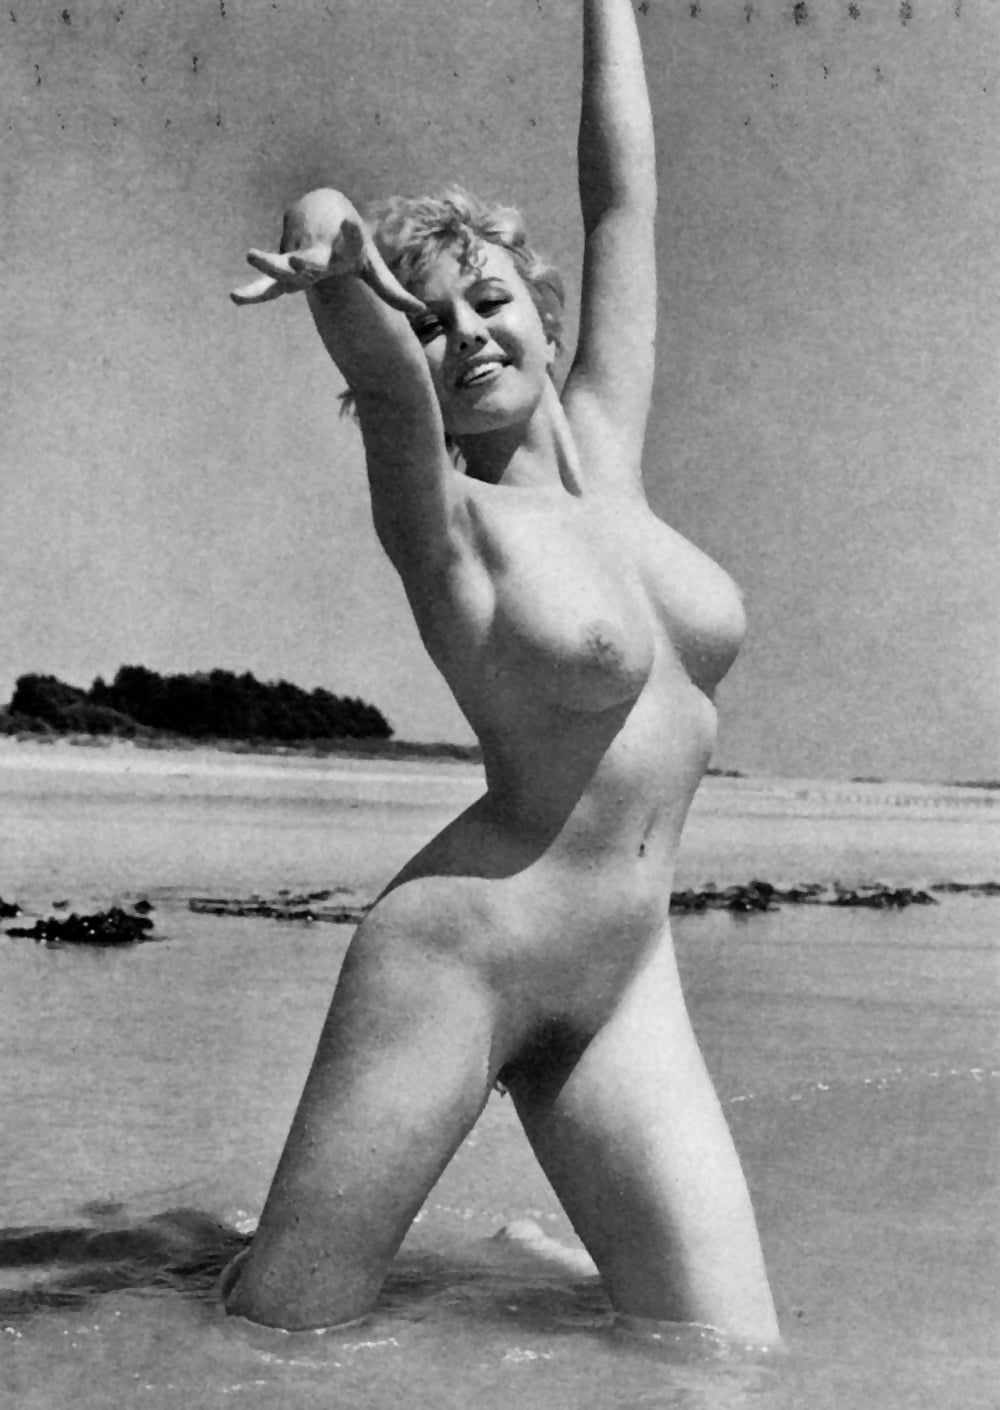 porn-margaret-romero-nude-joy-sex-middle